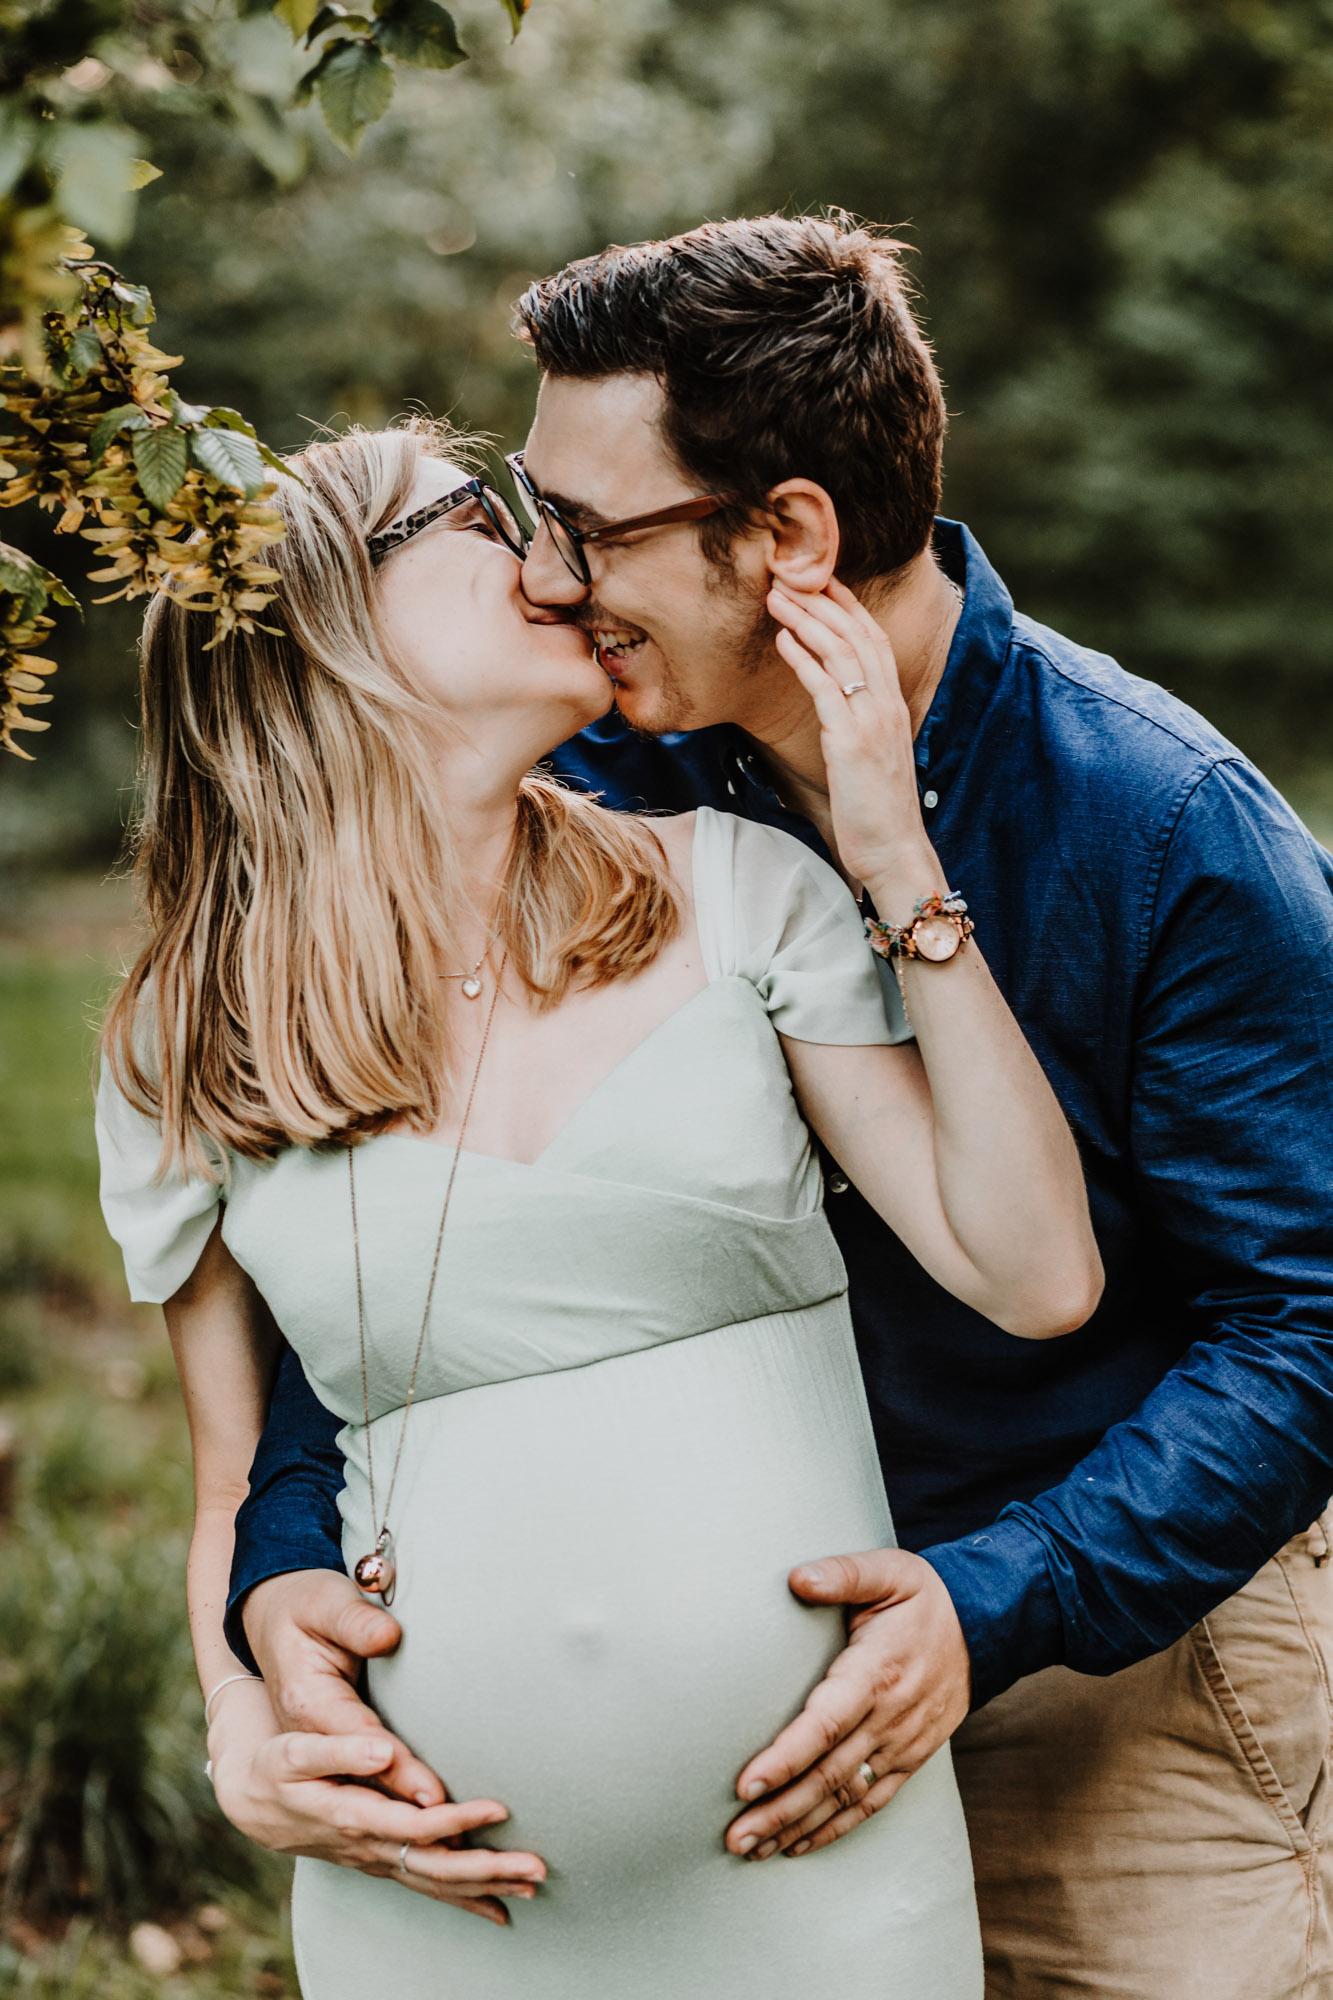 une femme enceinte et son mari s'embrassent en riant, l'homme a les mains posées sur son ventre dans la foret